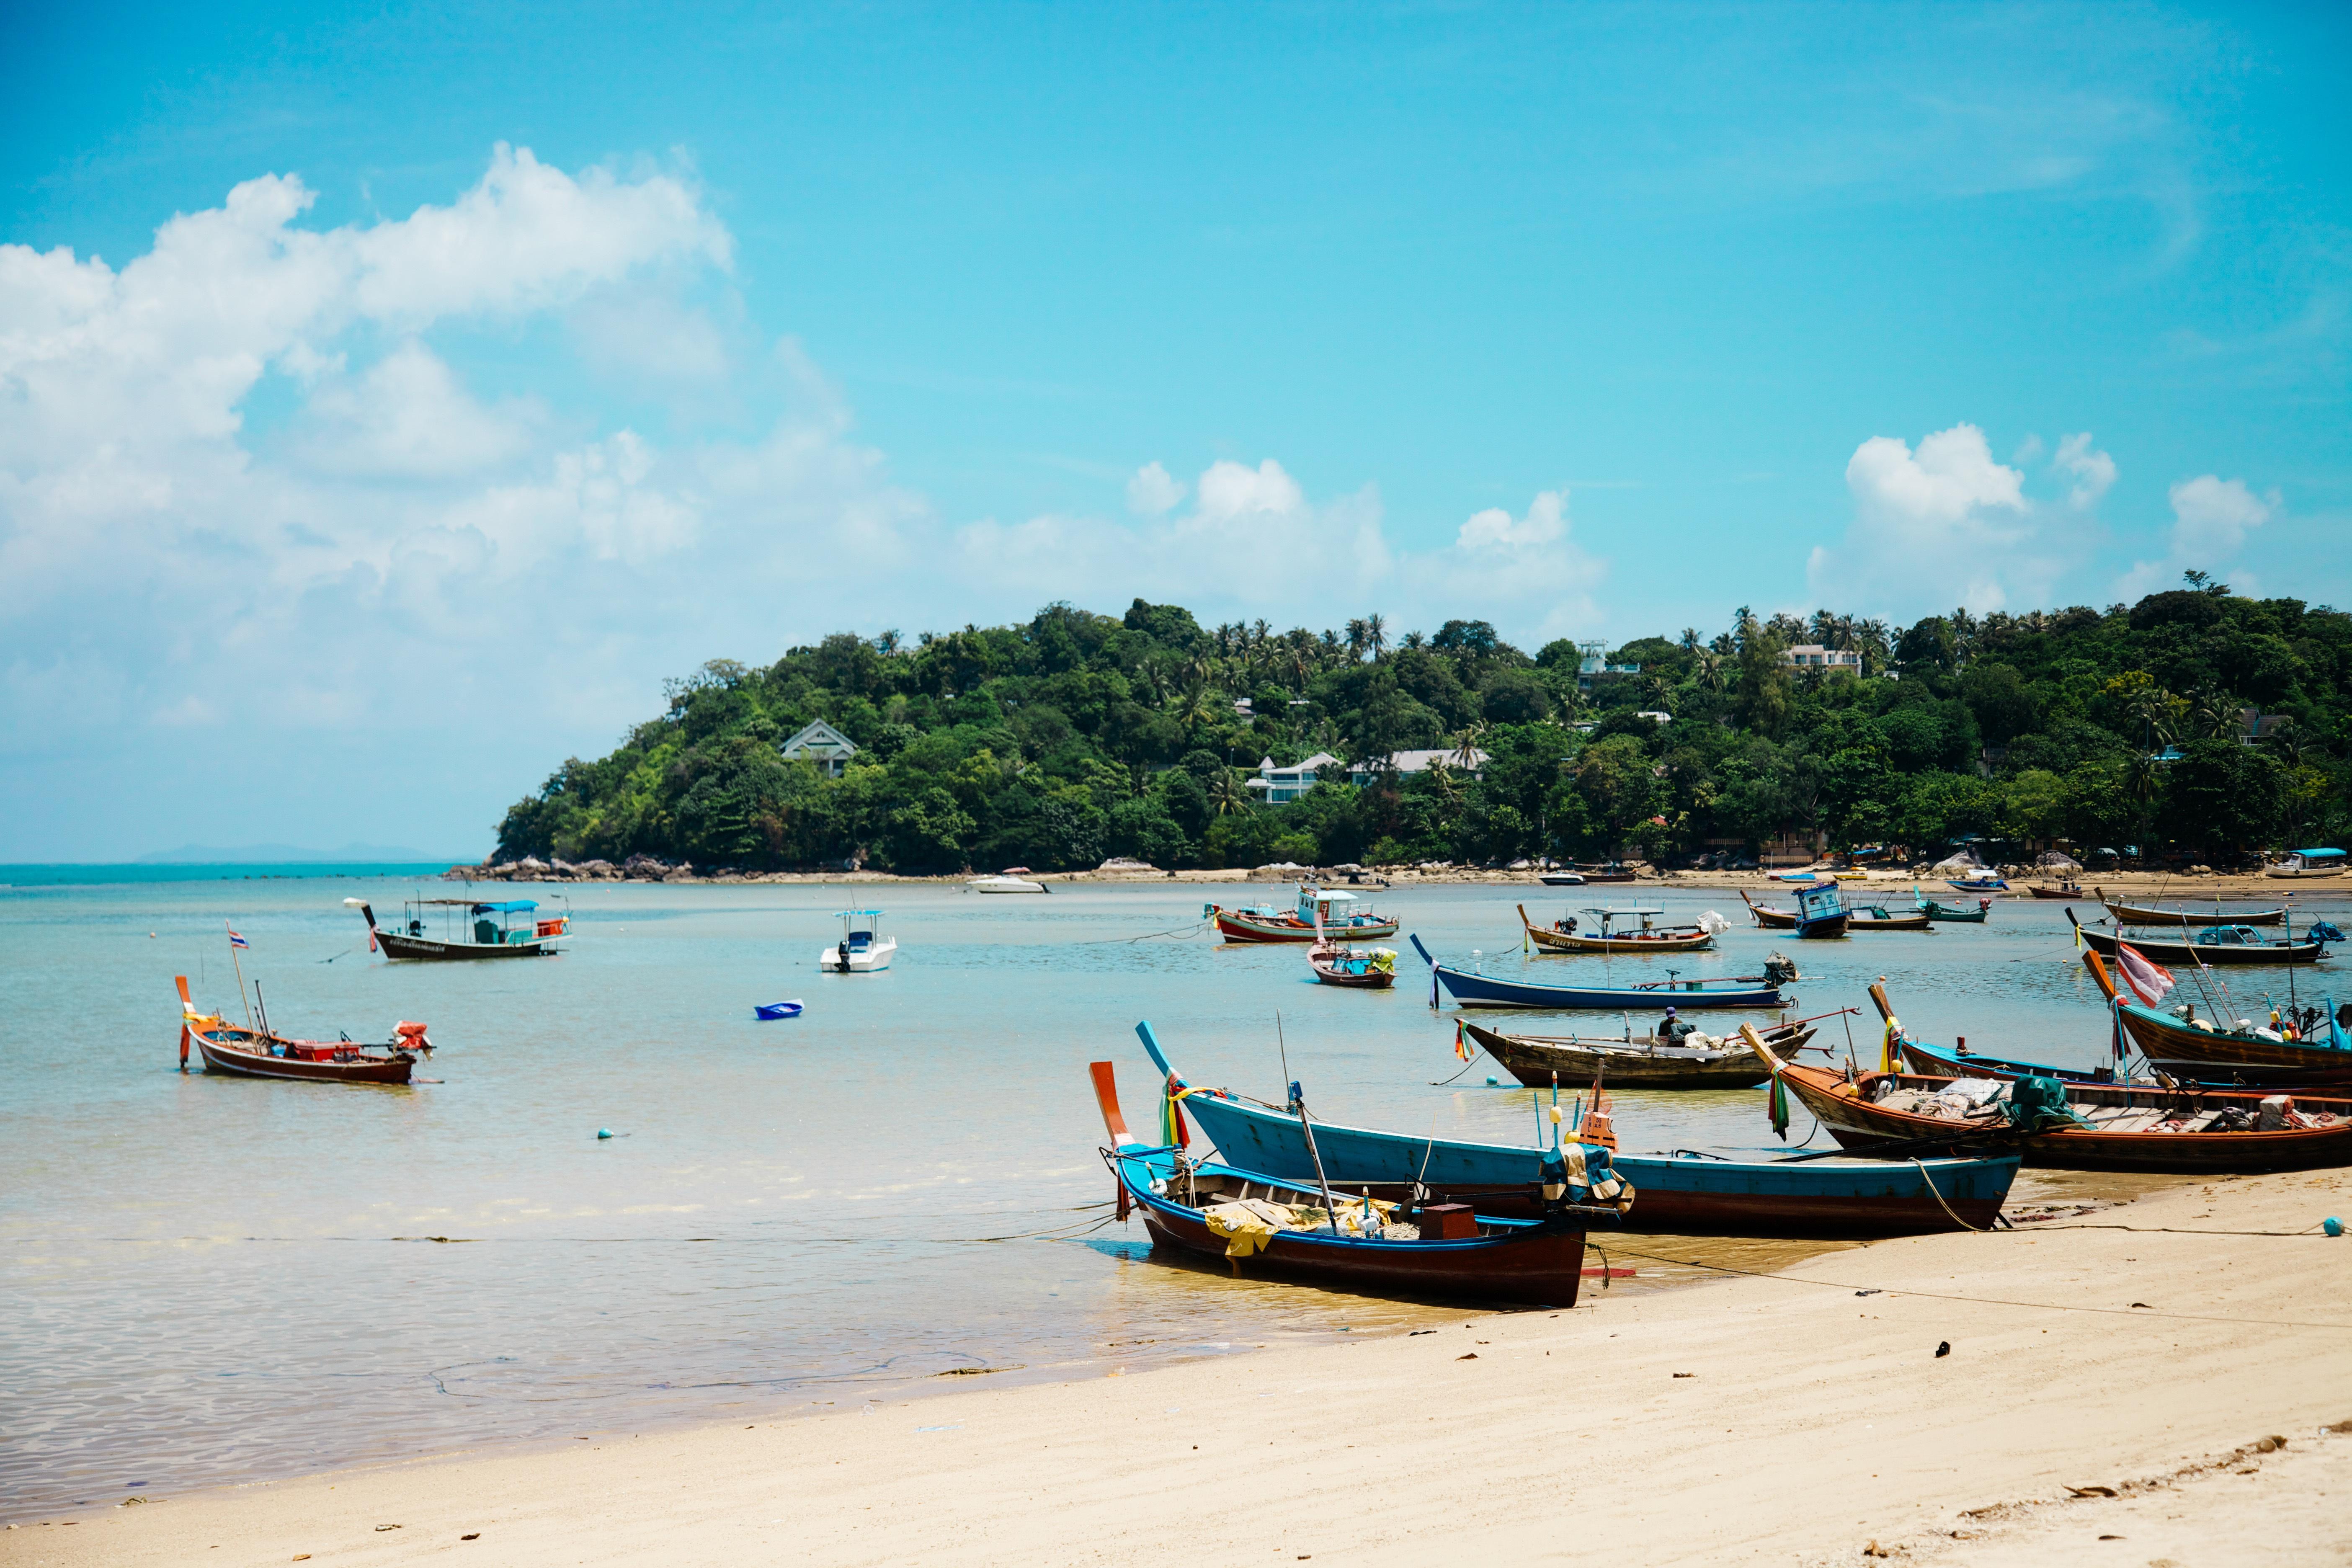 Beach, Boats, Ocean, River, Sea, HQ Photo